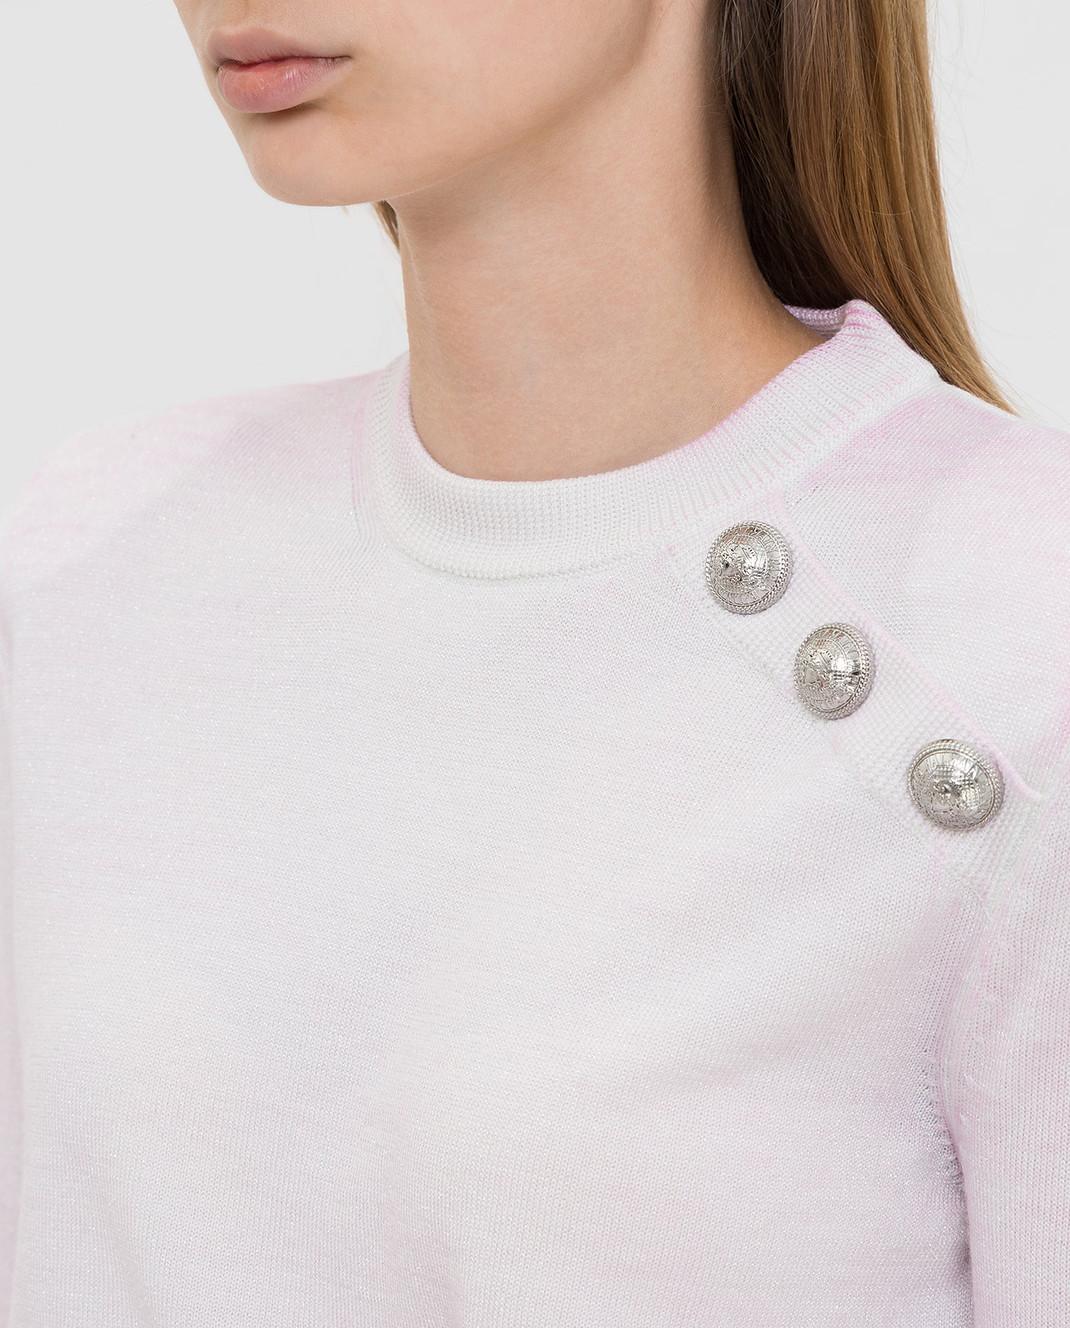 Balmain Светло-розовый свитер из шерсти изображение 5